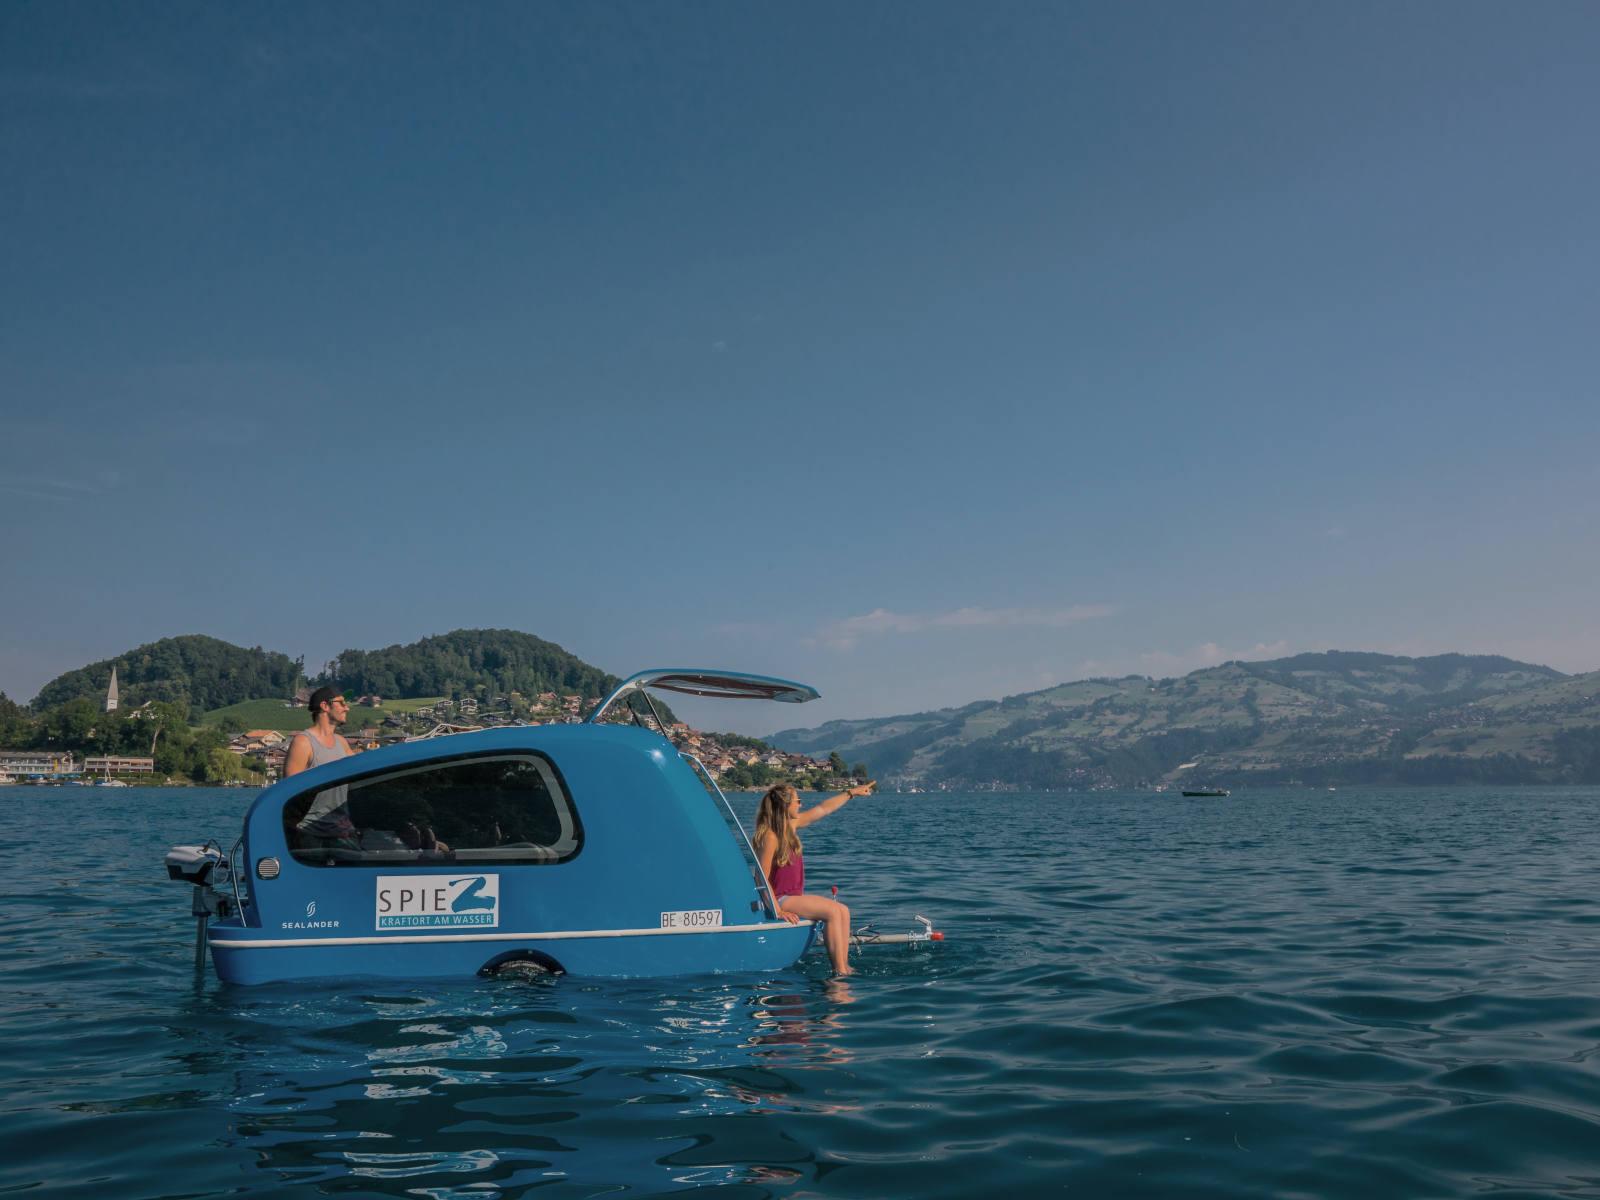 Sealnder mit 2 Personen auf See